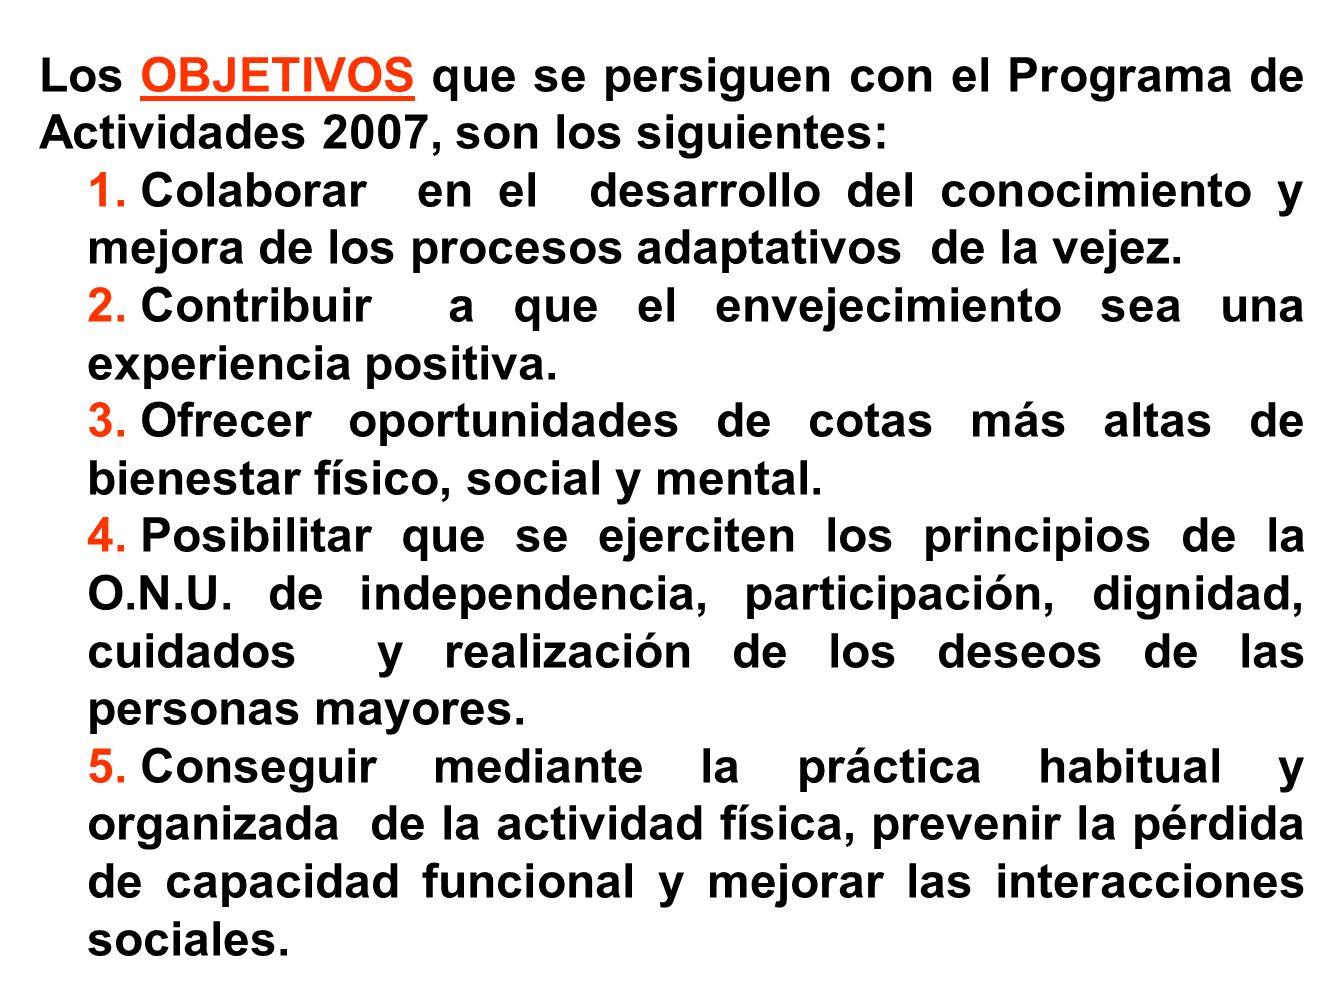 Los OBJETIVOS que se persiguen con el Programa de Actividades 2007, son los siguientes: